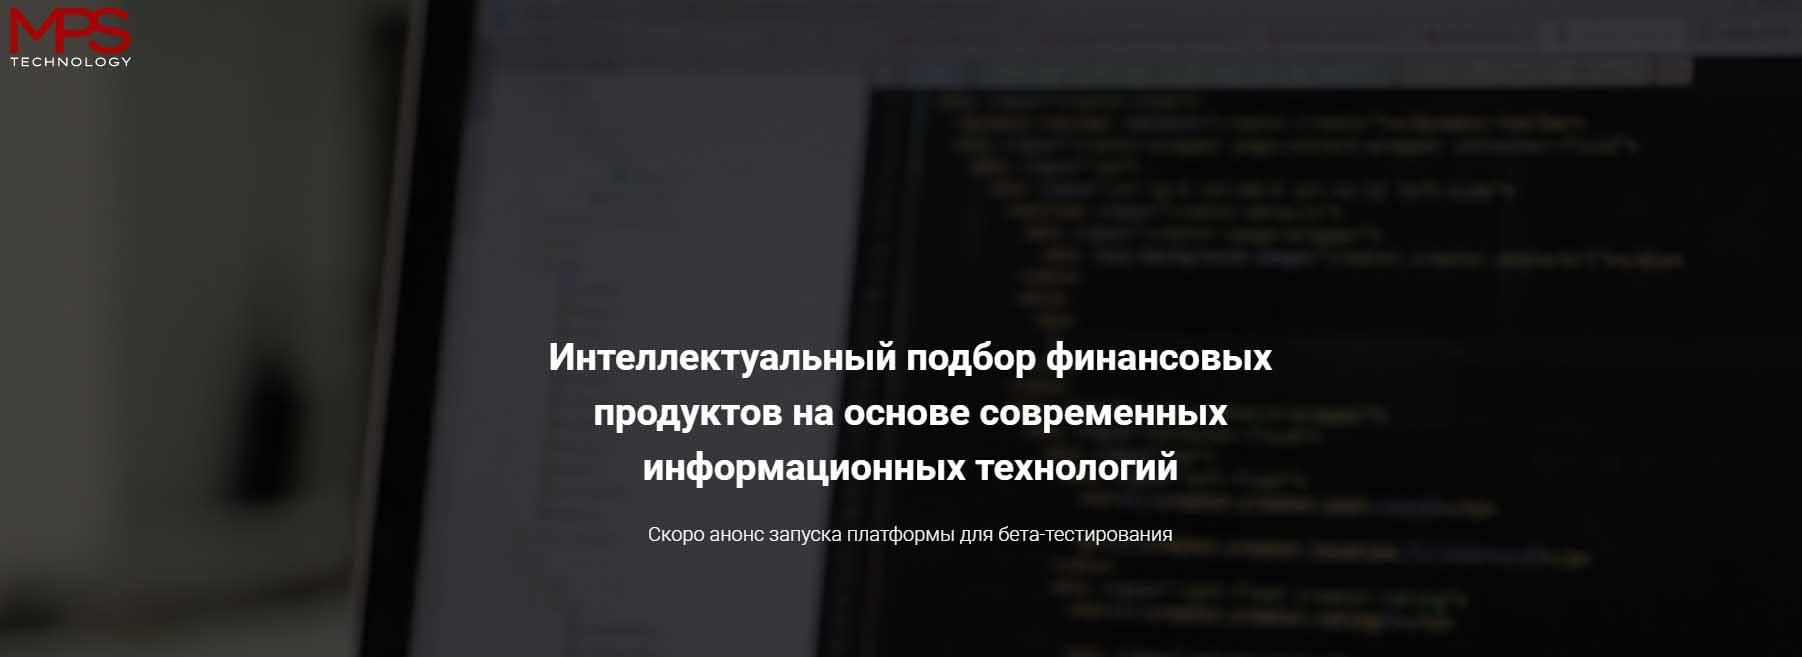 MPSTech Sankt Peterb RUS: что это такое, списали деньги, как отписаться